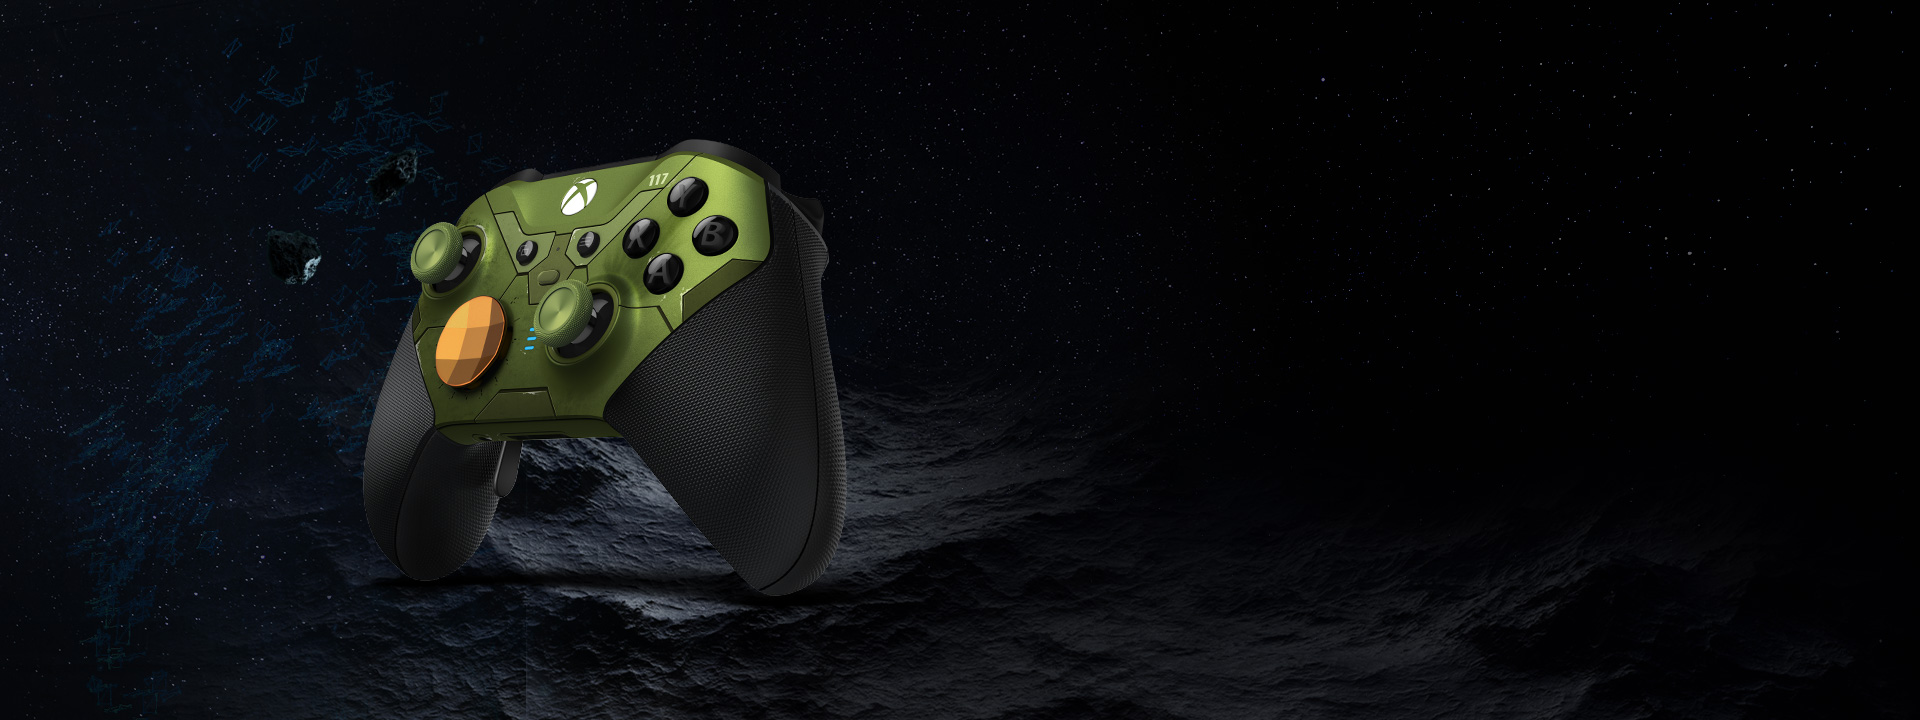 Angle de droite de la manette sans fil Xbox Elite Series 2 Halo Infinite édition limitée flottant dans l'espace